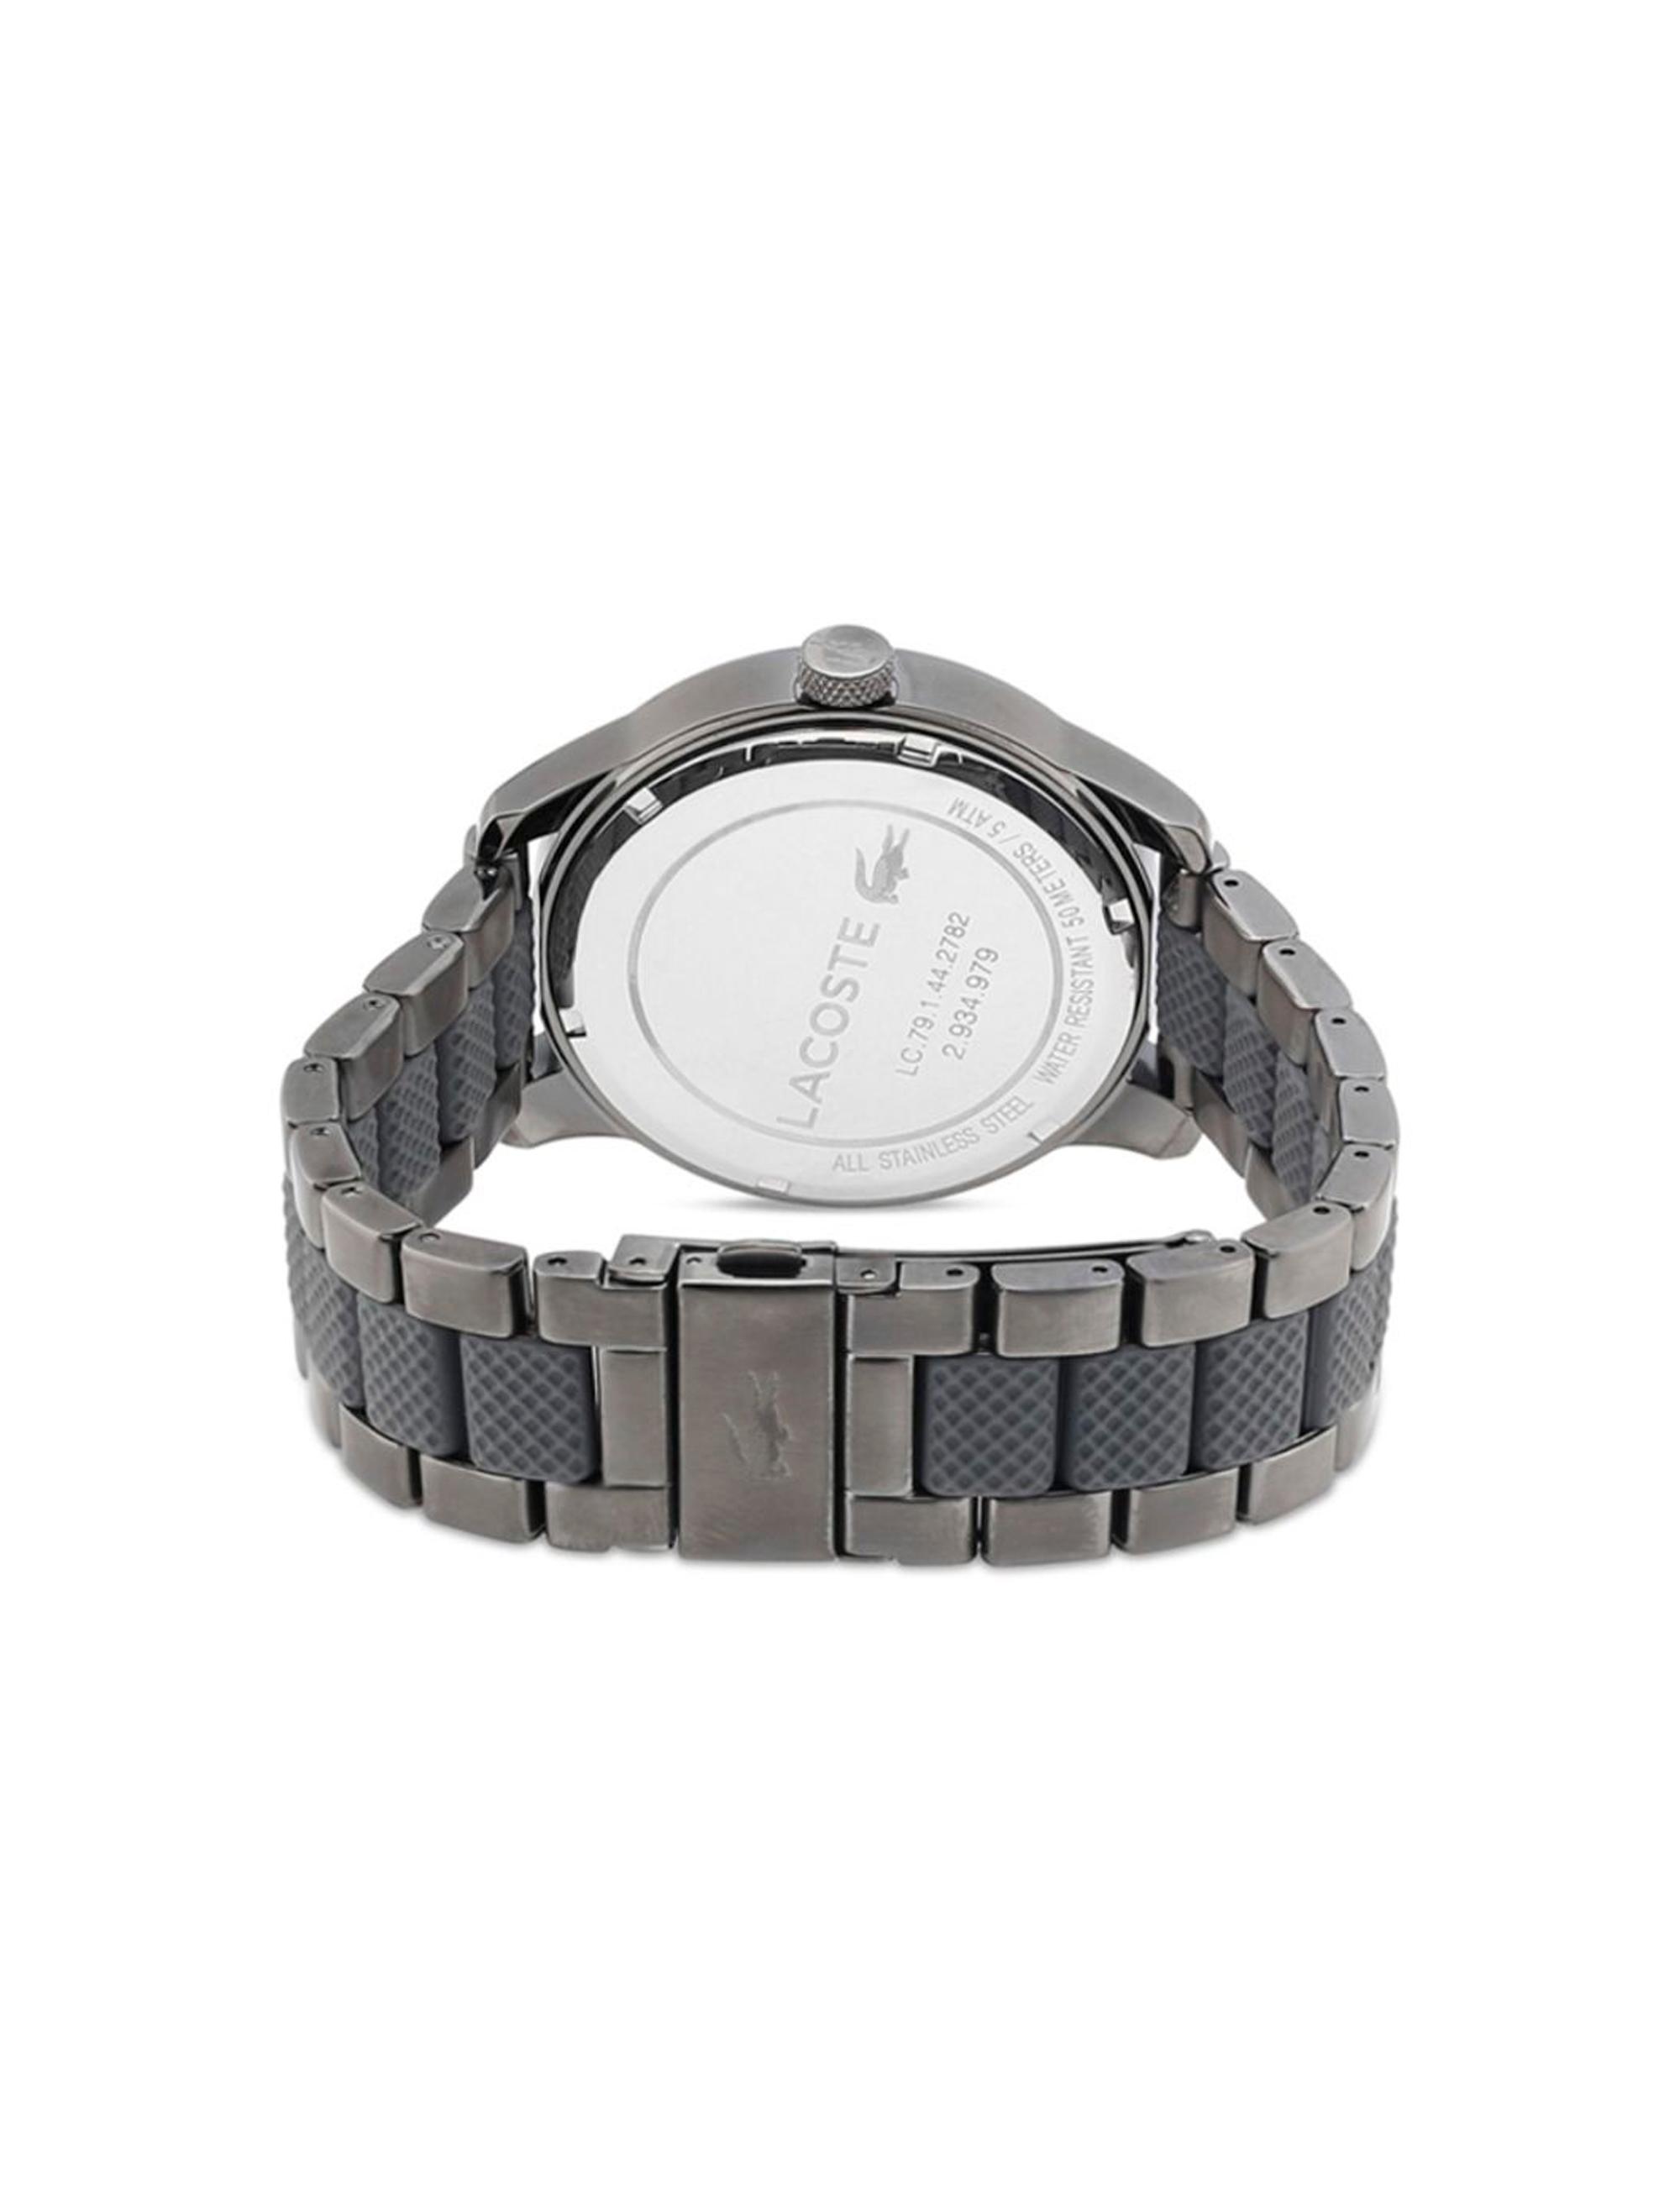 ساعت مچی عقربه ای مردانه لاگوست مدل 2010923